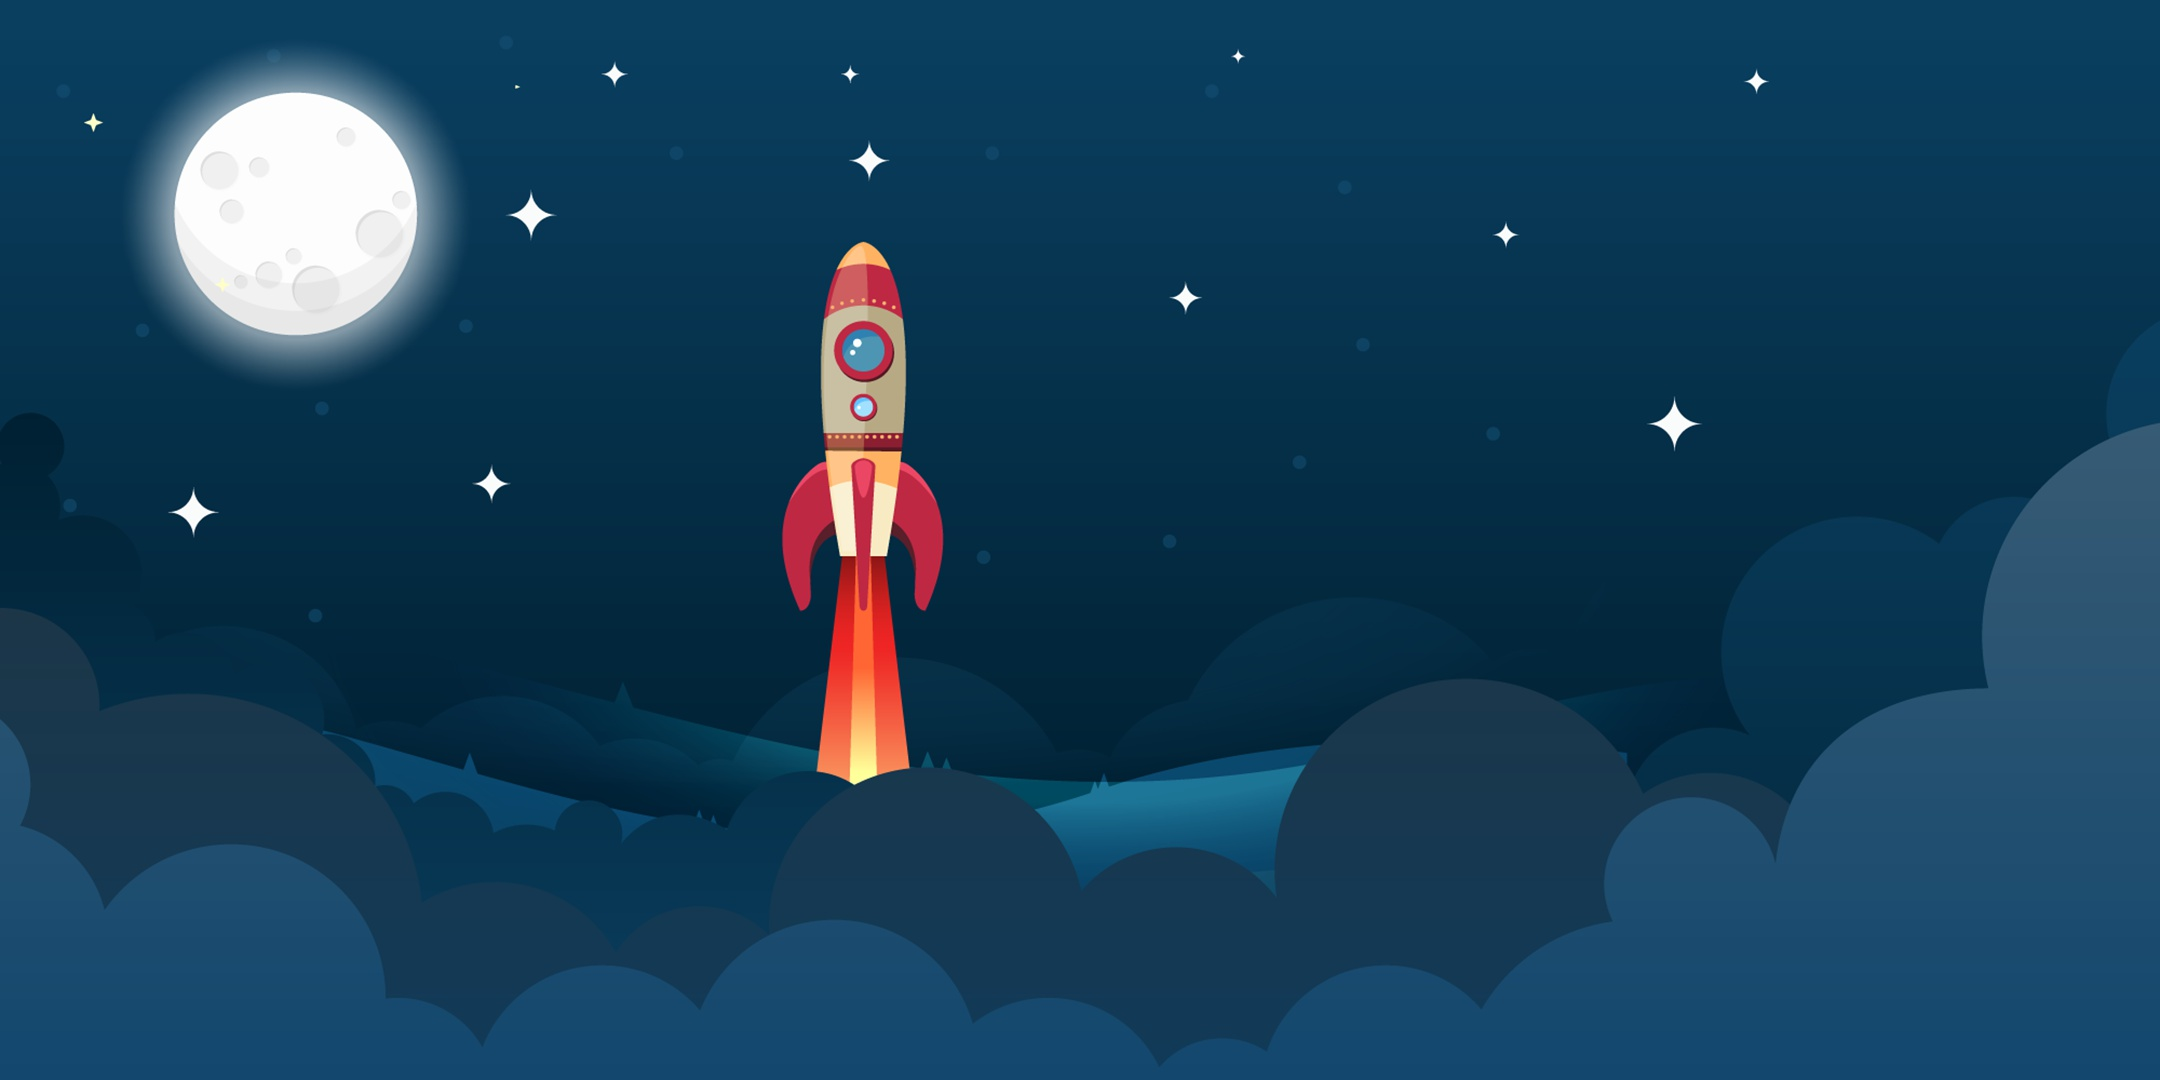 космос ракета звезды картинки авторские обои так